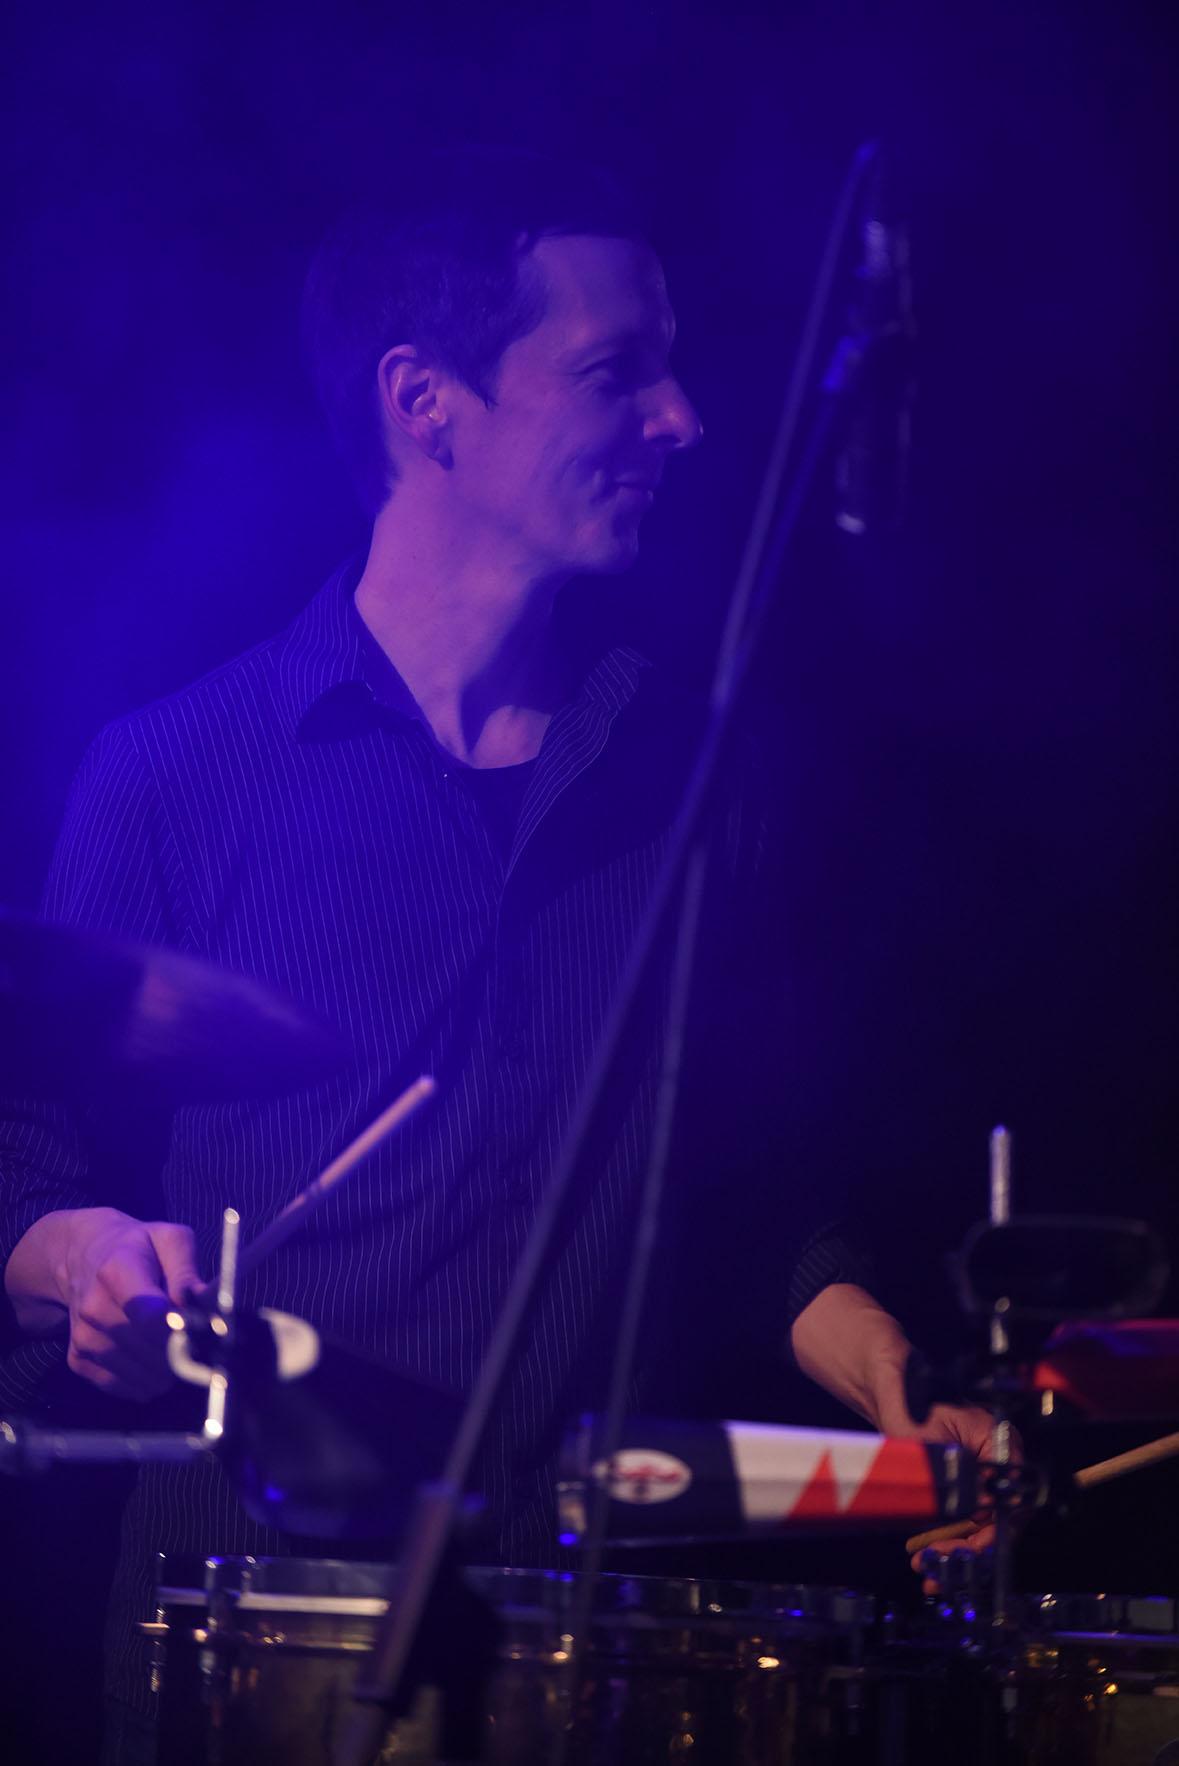 """Andi """"Timbalero"""" Gleixner - … zaubert mit cooler Virtuosität faszinierende Rhythmen an den Timbales, Cowbells, Blocks und Becken."""